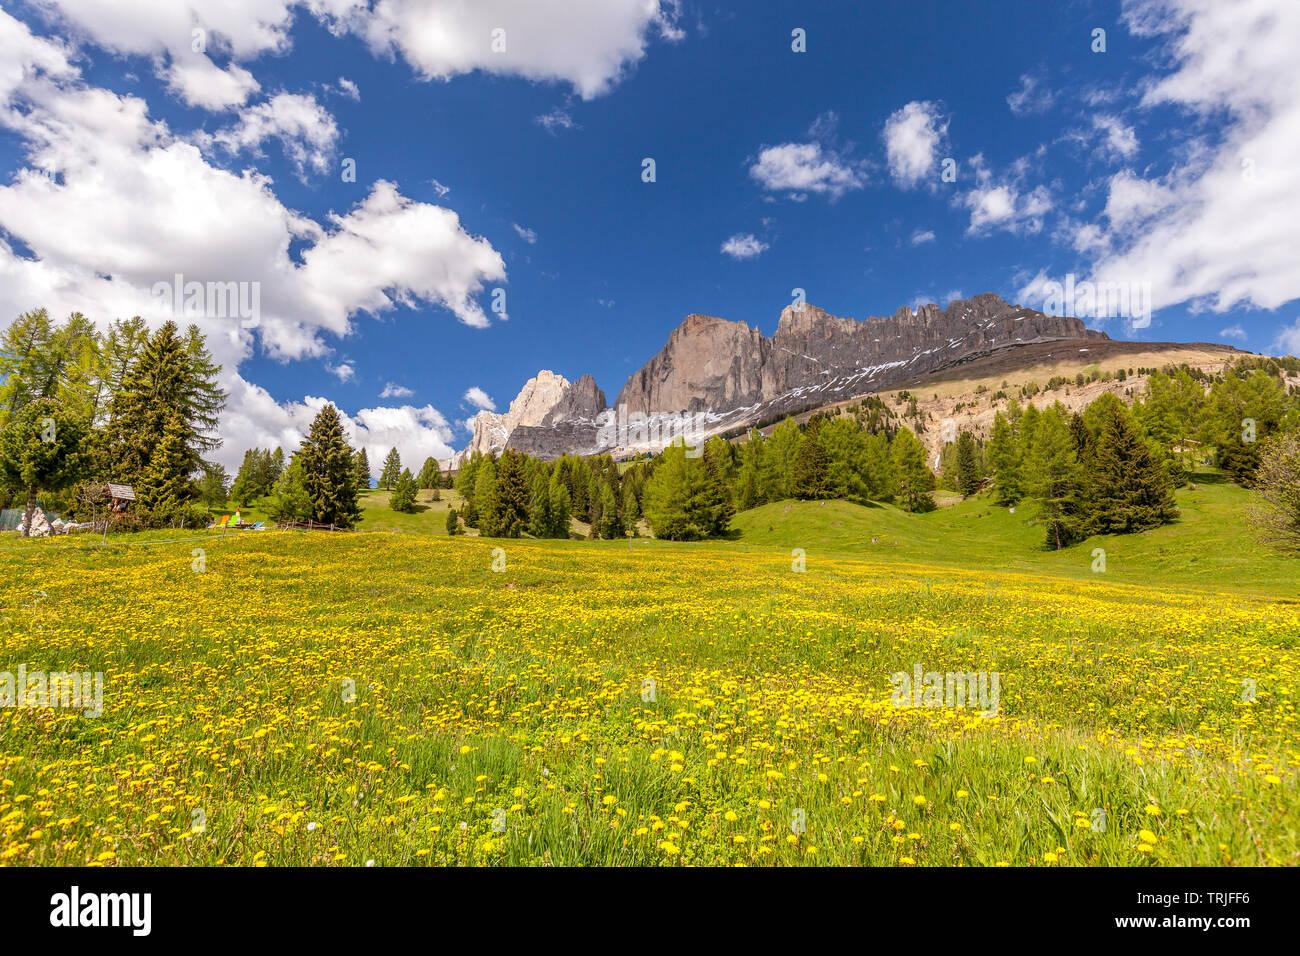 Catinaccio da prati di fiori selvatici in fiore, pneumatici Valley, Dolomiti, la provincia di Bolzano, Alto Adige, Italia Immagini Stock